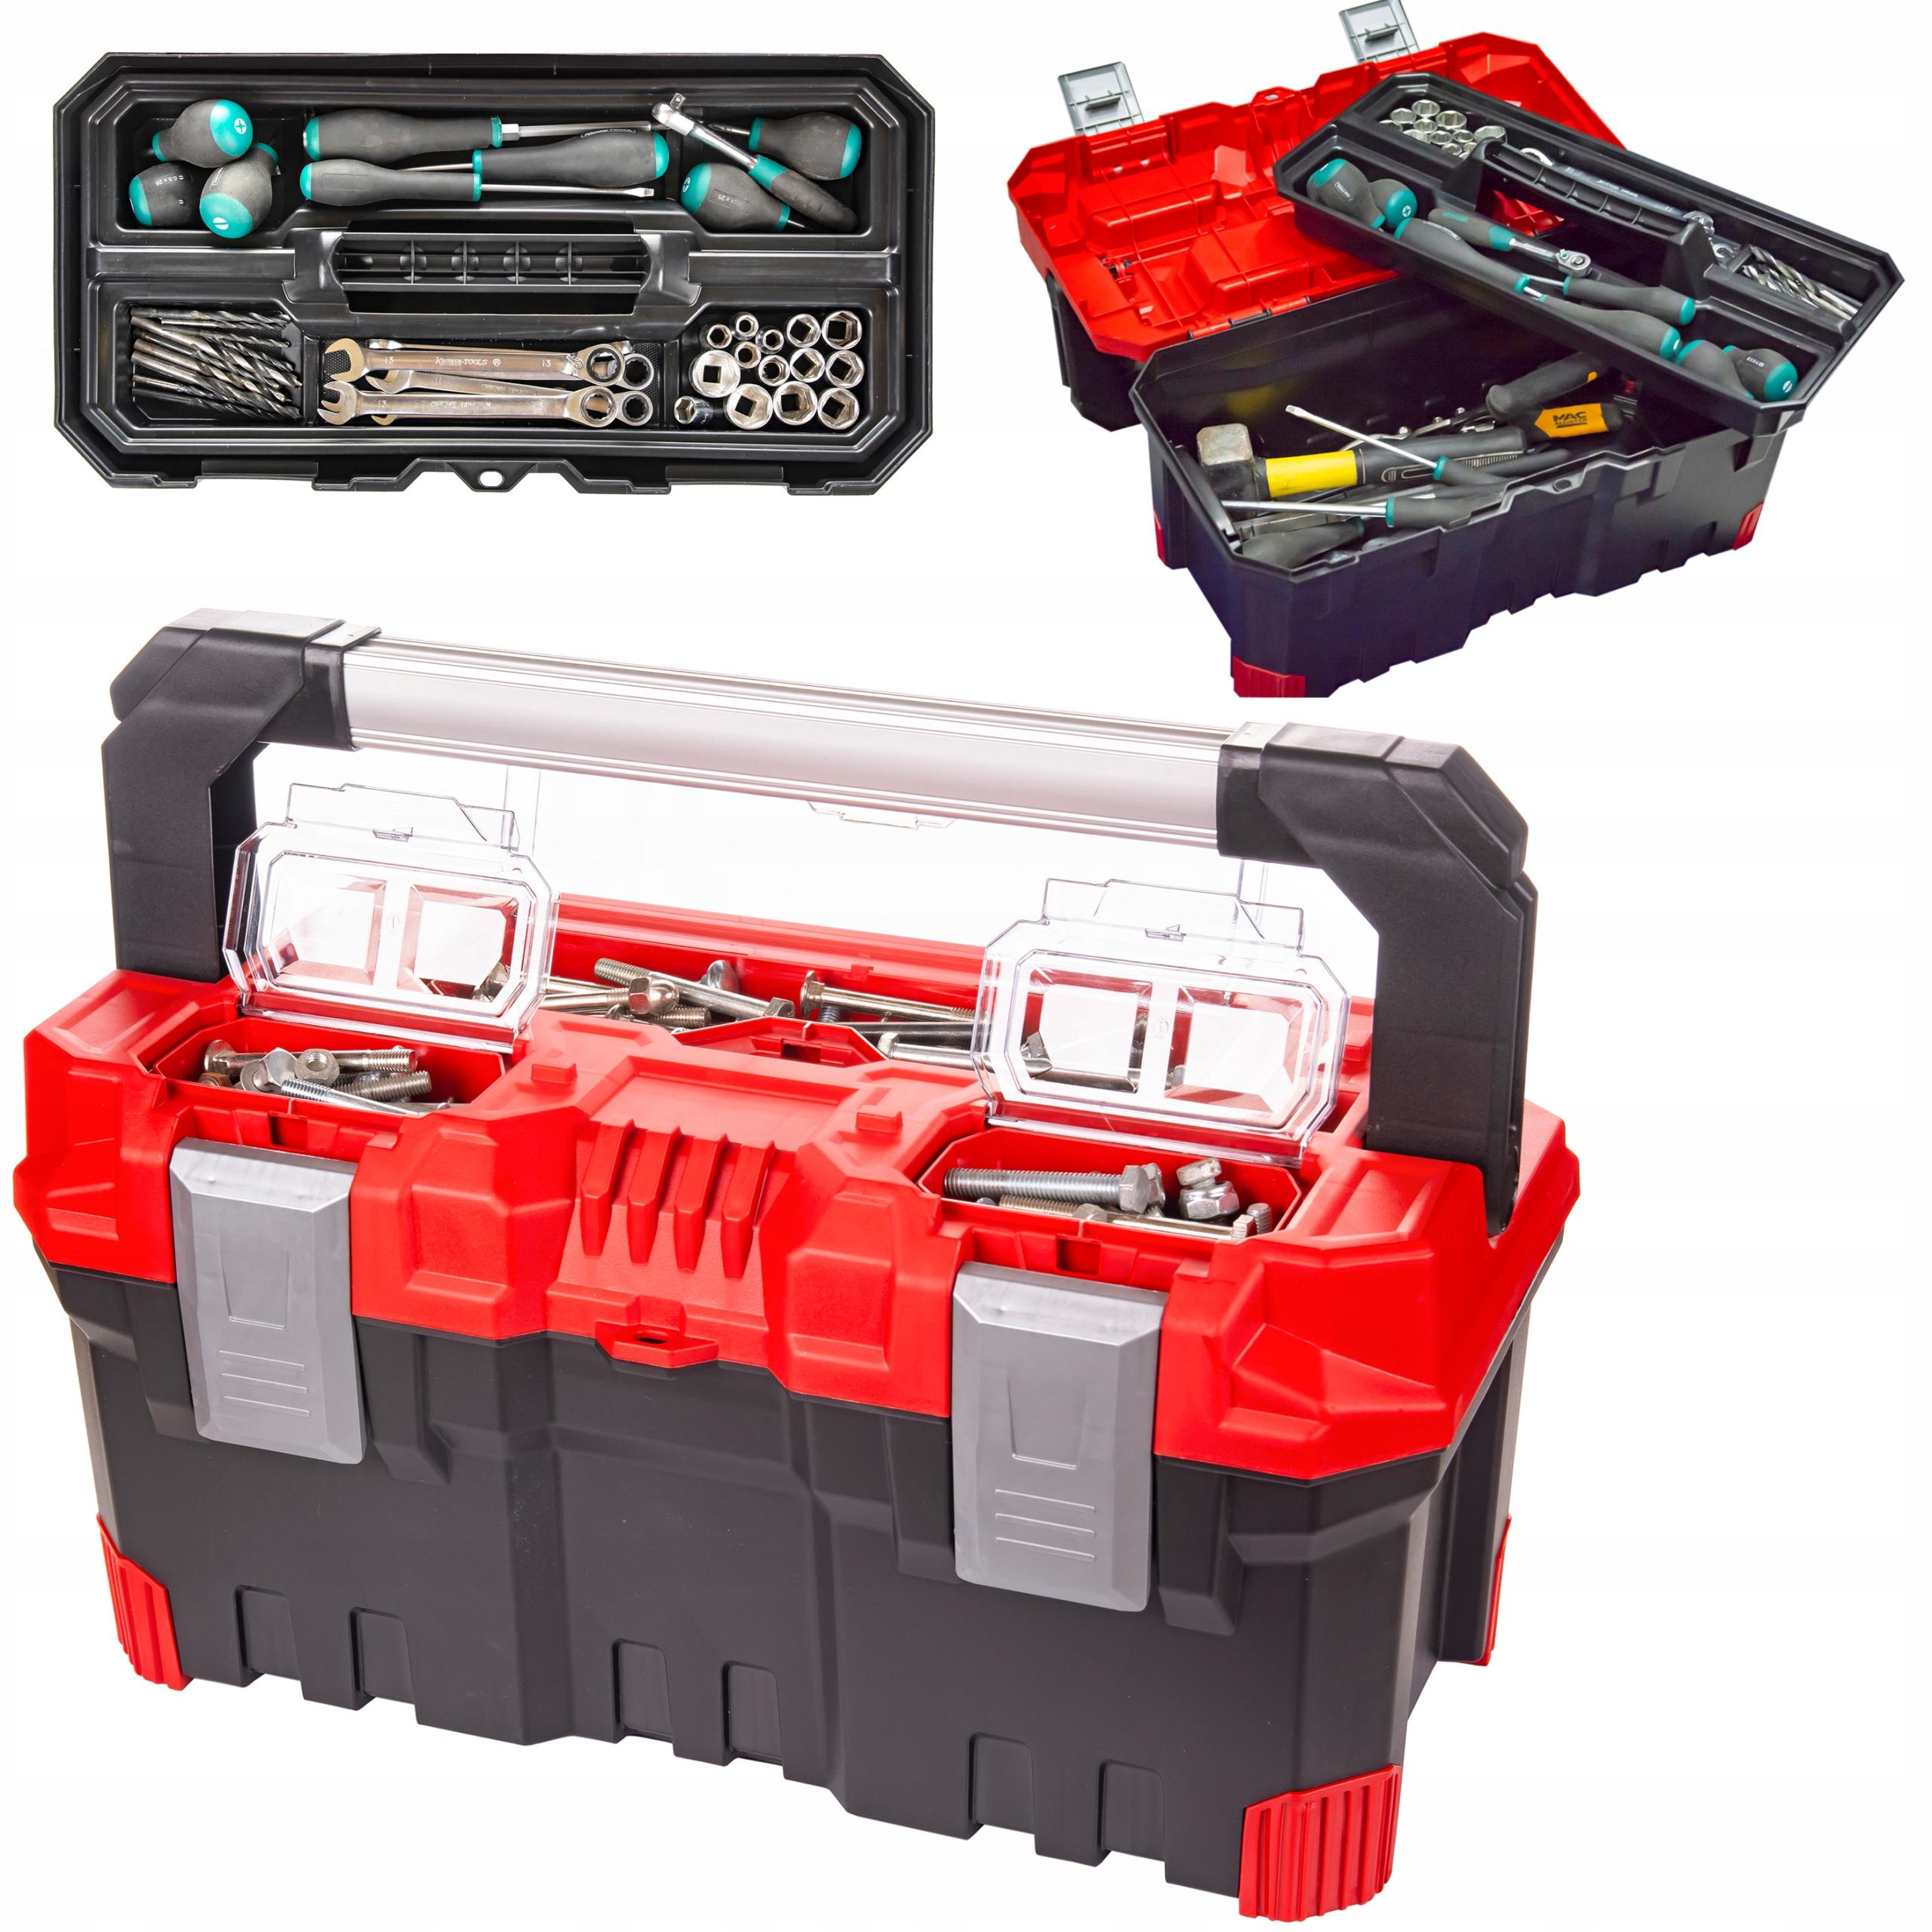 Ящик для инструментов. Ящик для инструментов. Контейнер